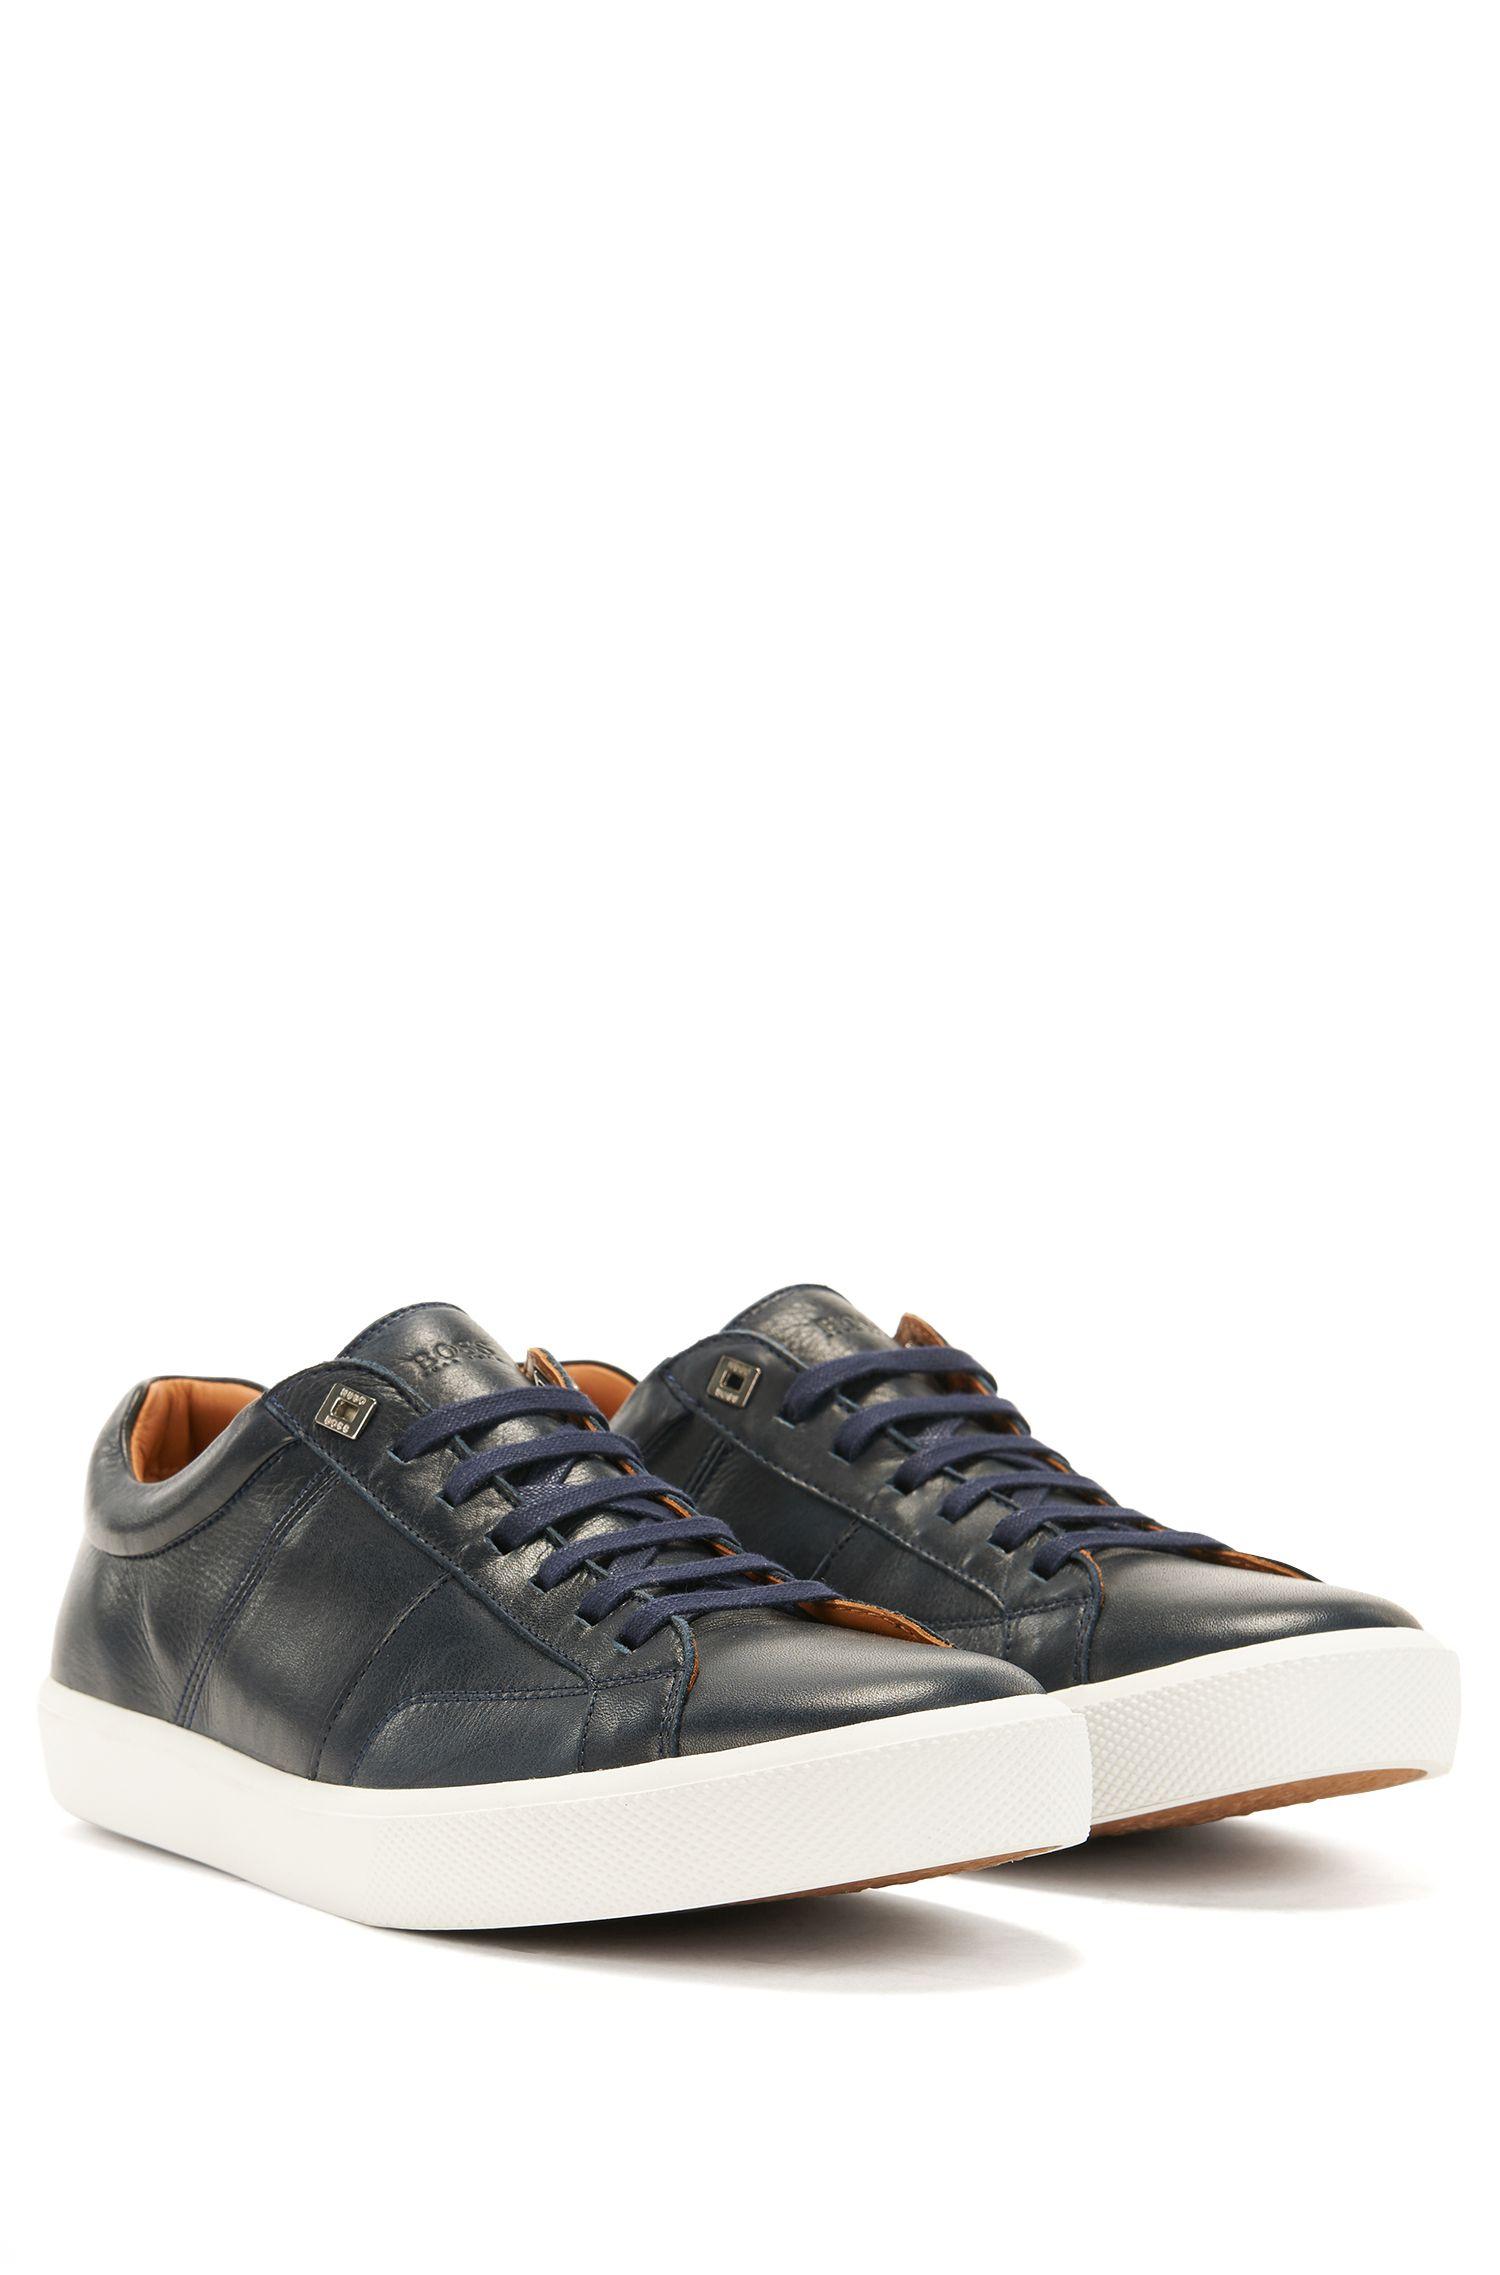 Sneakers aus italienischem Leder im Tennis-Stil